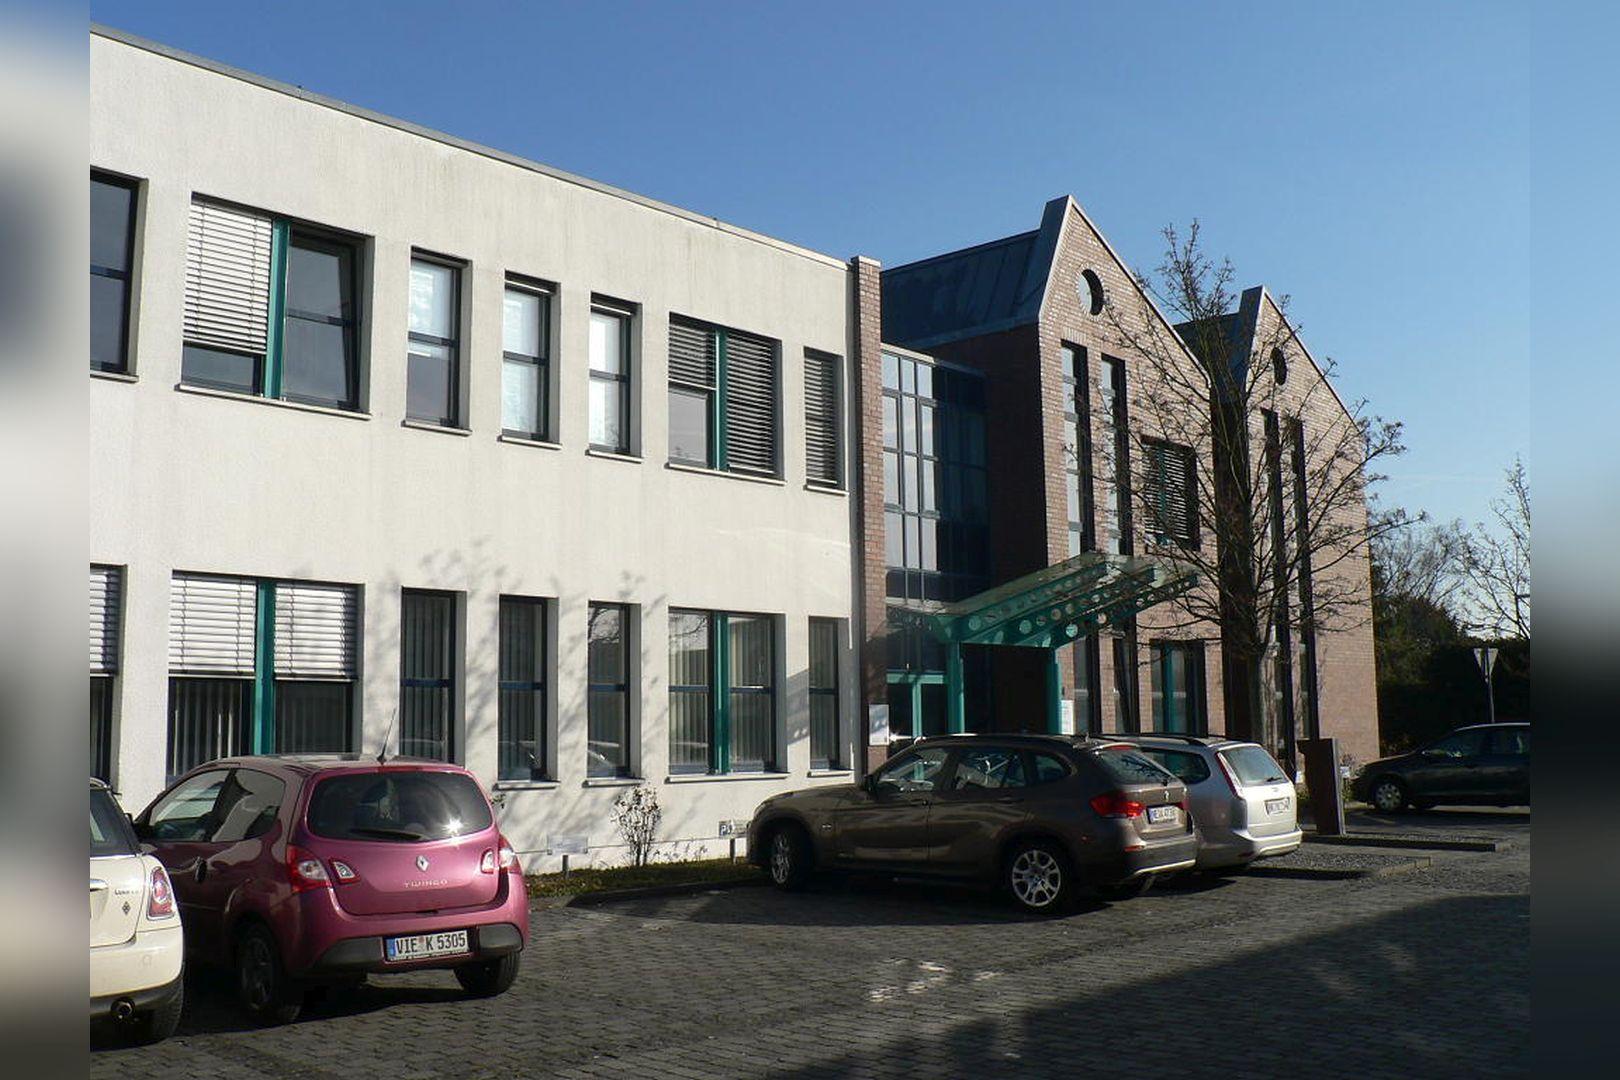 Immobilie Nr.0200 - Gut vermietete Büro- und Praxisflächen mit Tiefgarage und Außenstellplätzen - Bild 9.jpg